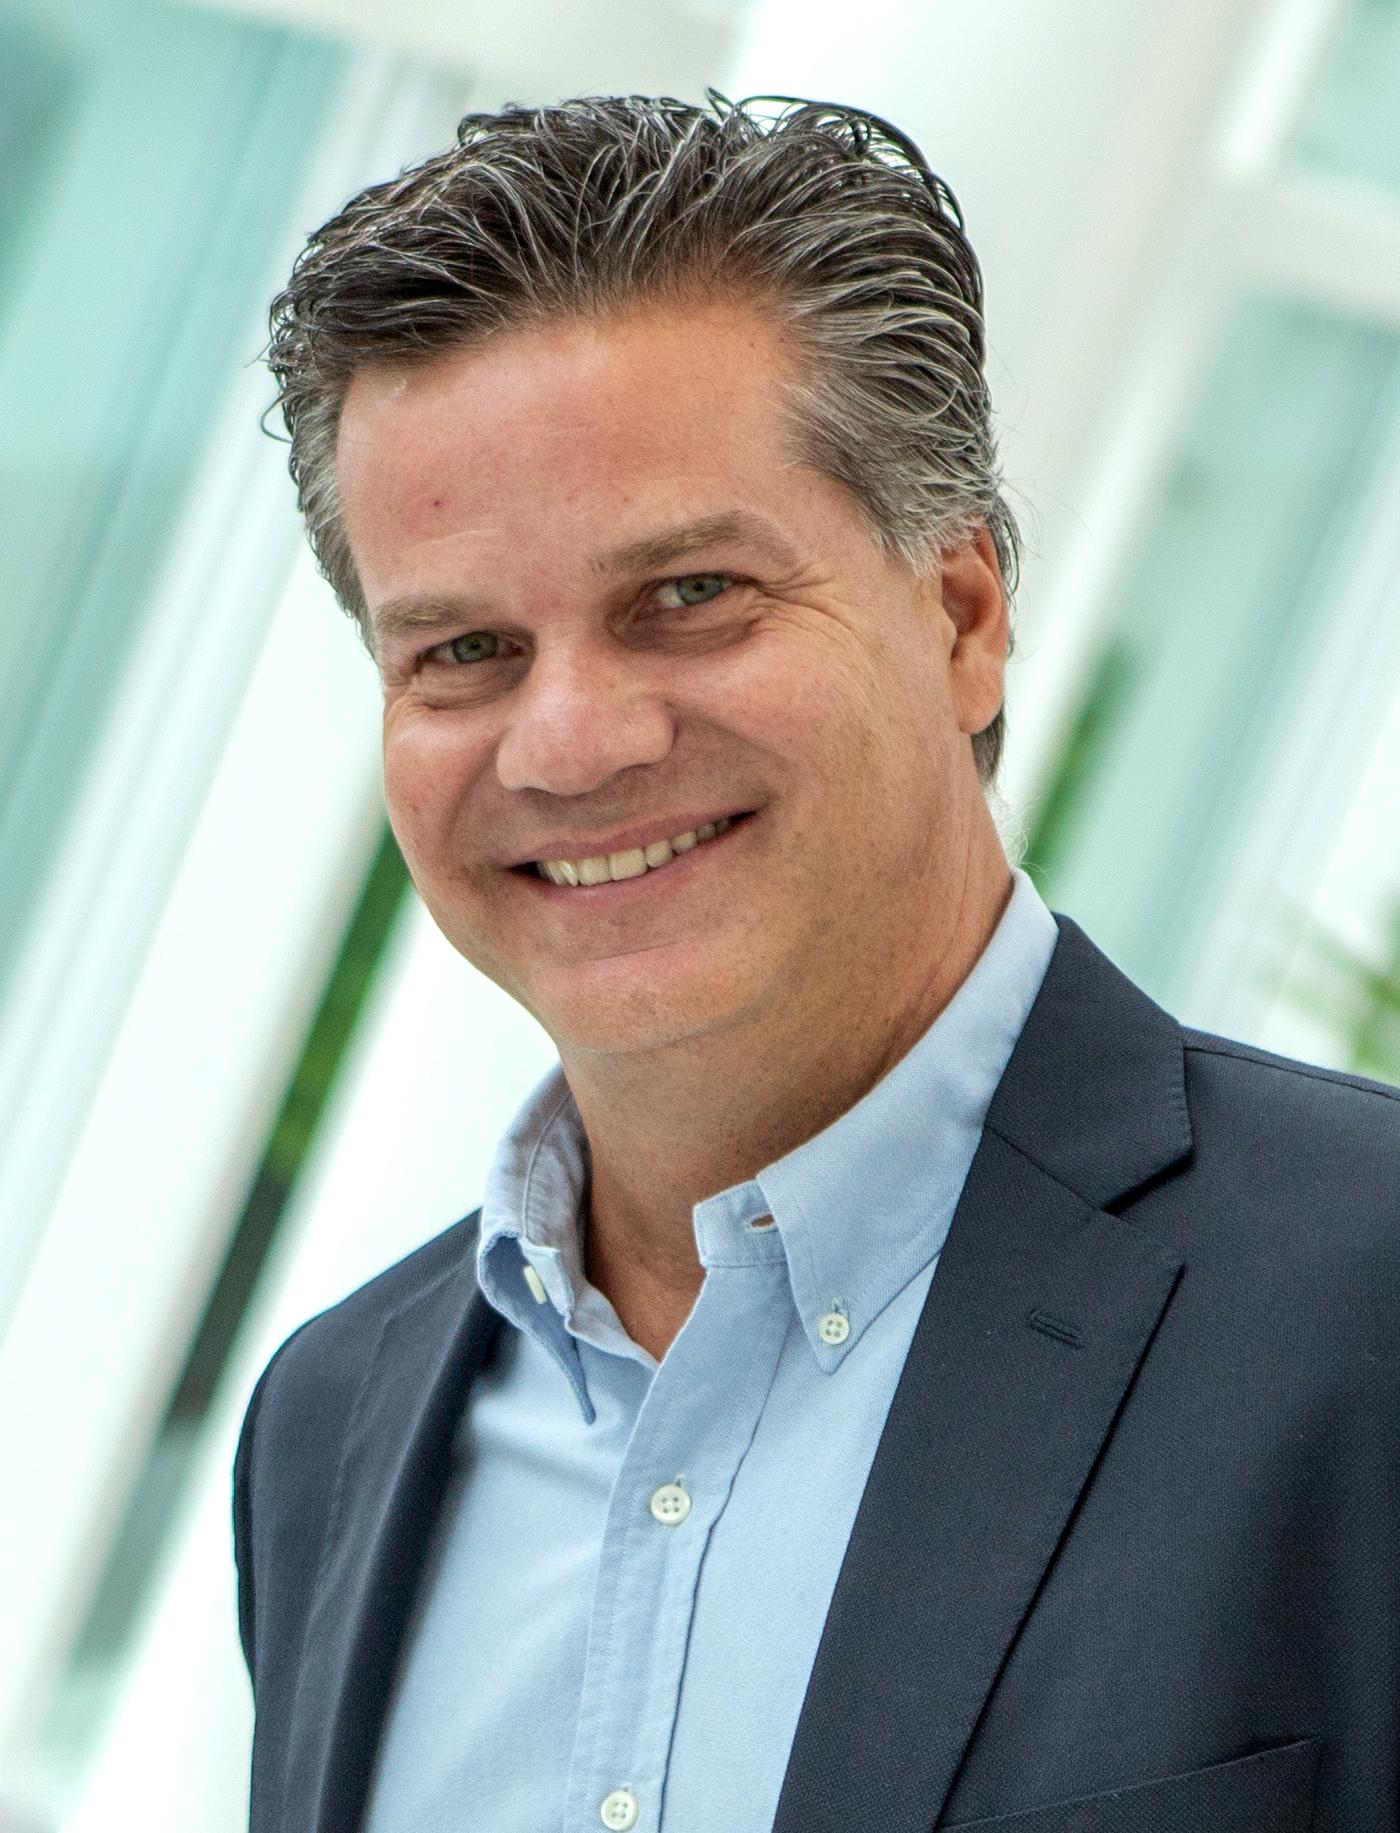 Fernando Bonamico é superintendente do Pátio Batel. Há um ano no Grupo Soifer, responsável pelo Pátio, fez careira no Grupo Iguatemi, em São Paulo.